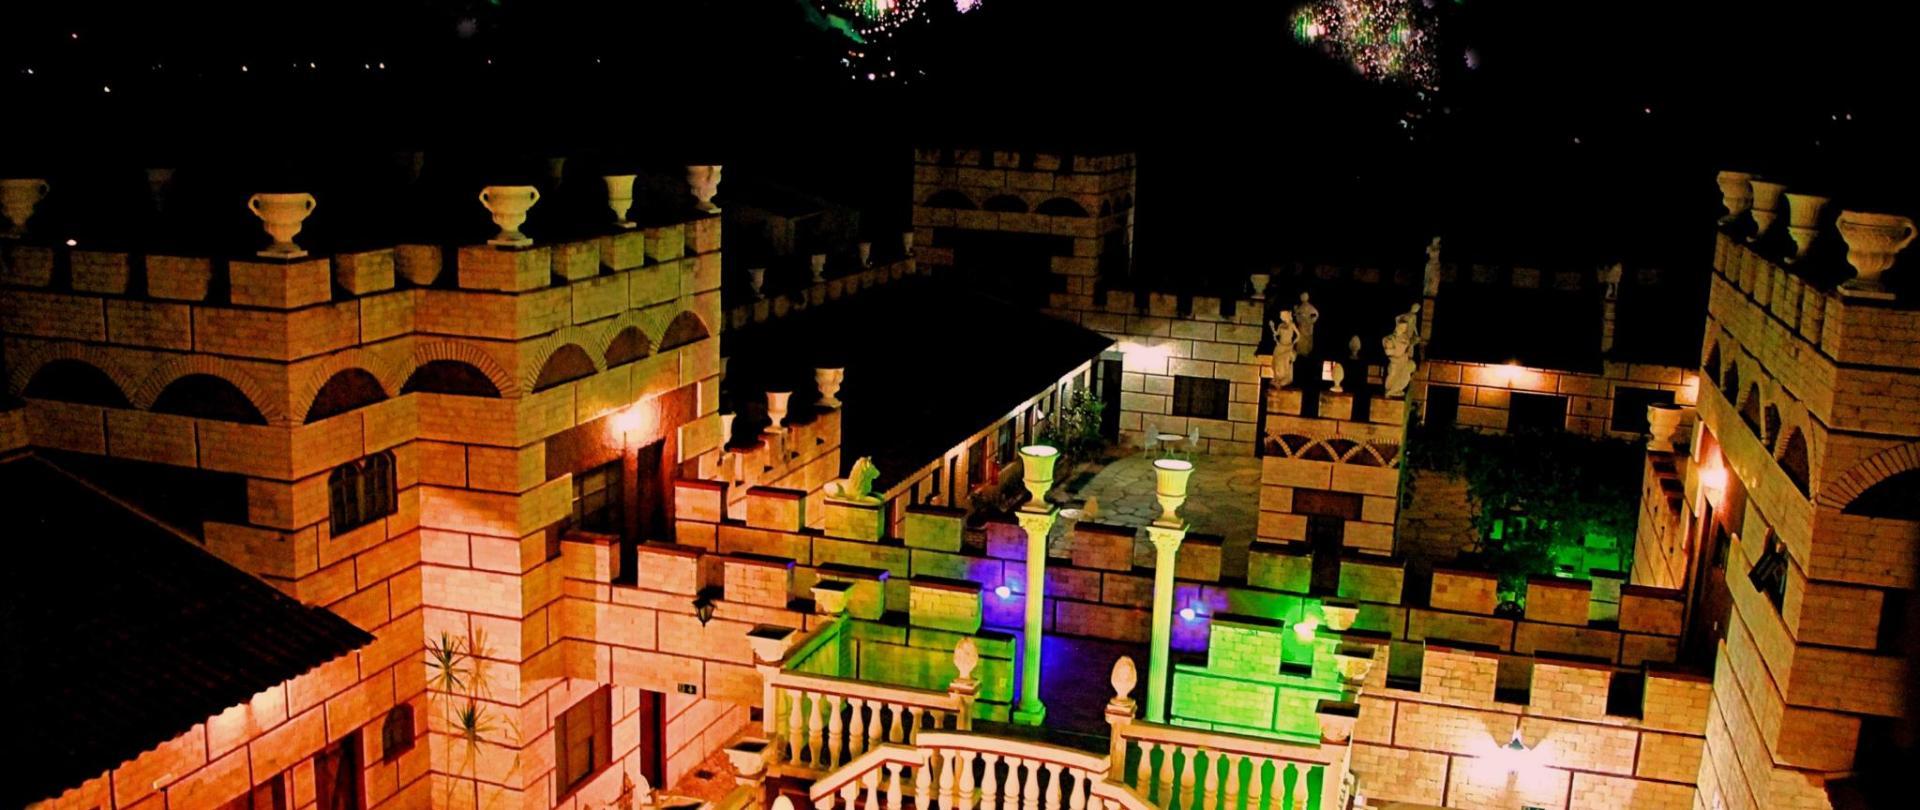 Pousada al Castello di Giulietta e Romeo